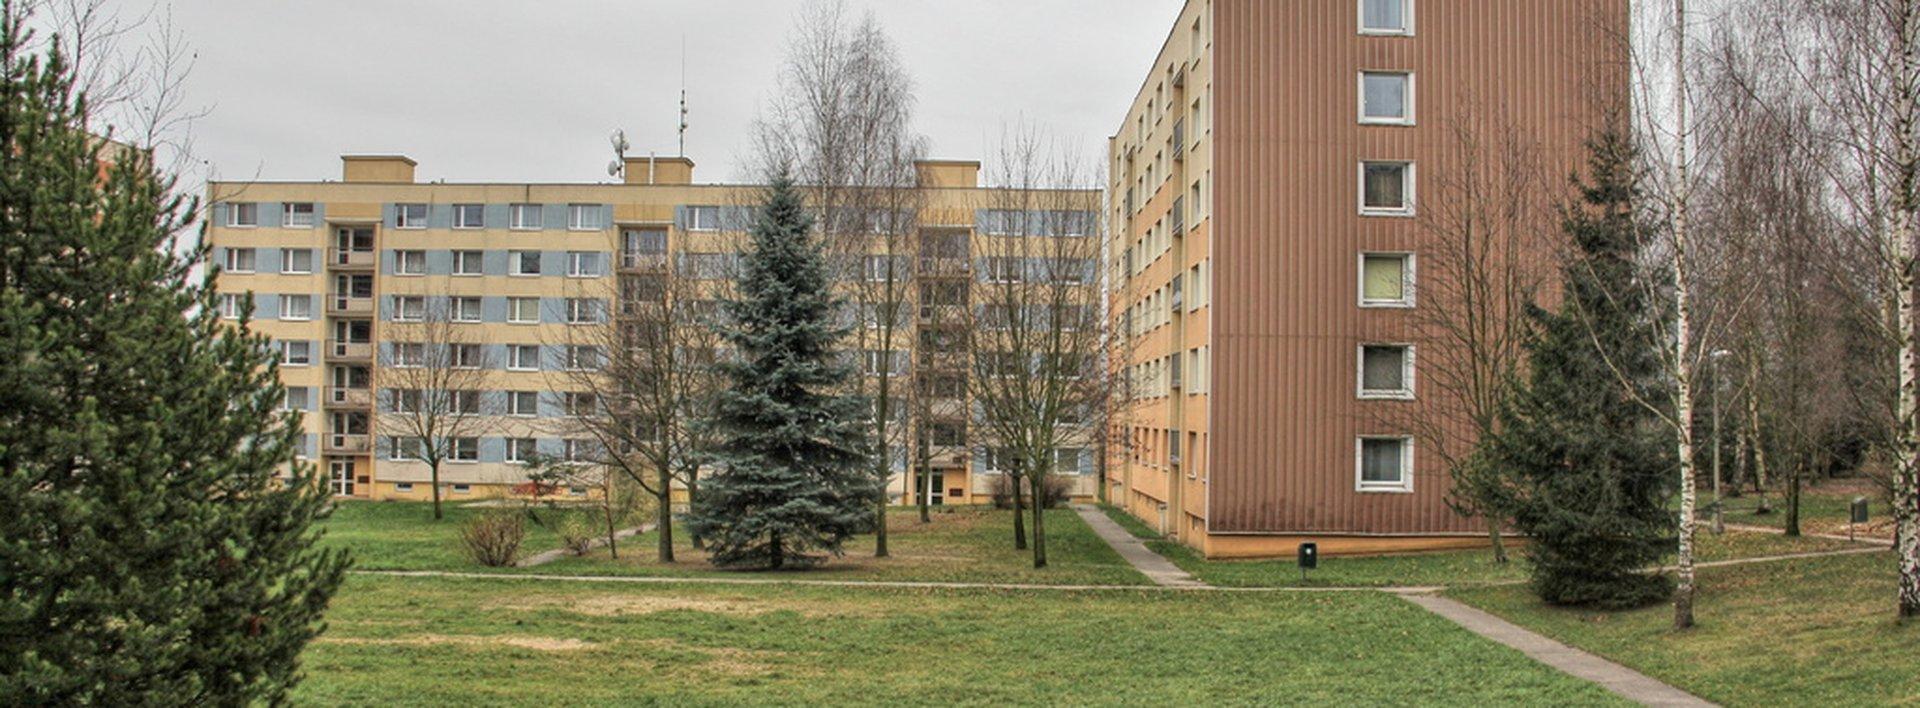 Výjimečná investiční příležitost, napojení na centrální plynový kotel, byt 1+1, 36 m², Ev.č.: N46986